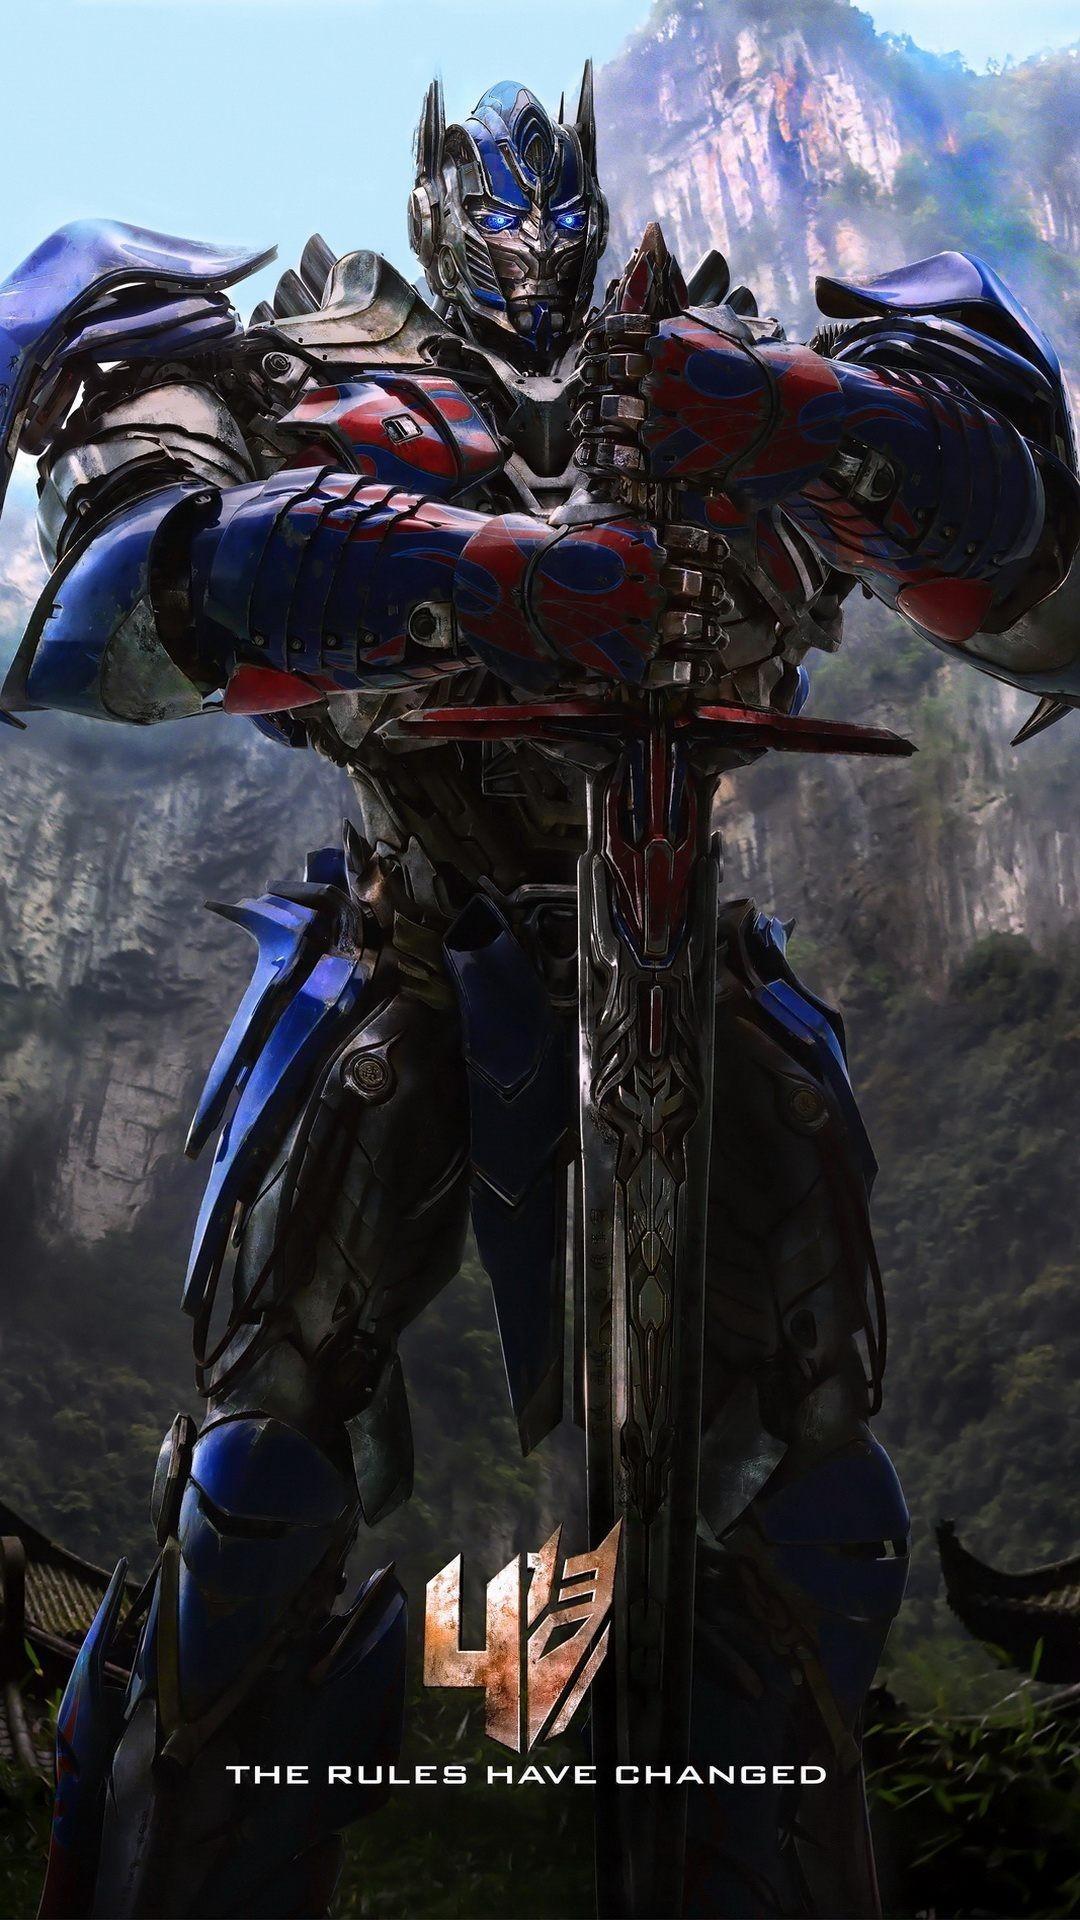 Transformers Optimus Prime iPhone Wallpapers - Wallpaper Cave